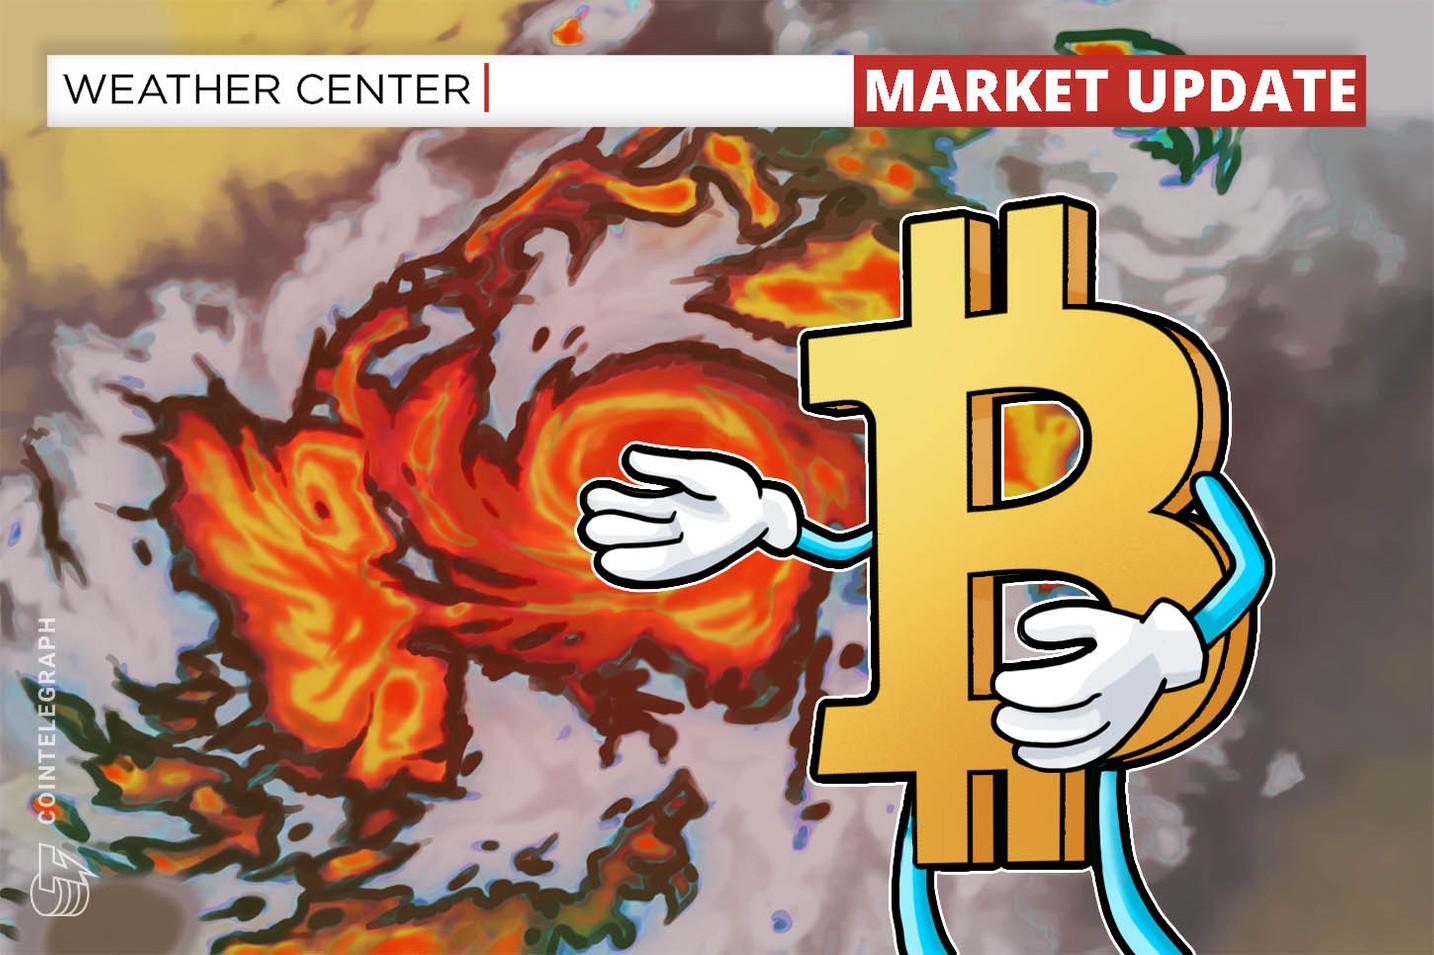 El precio de Bitcoin cae por debajo de USD 37,000 en medio de pocas esperanzas de un rebote definitivo para el fin de semana